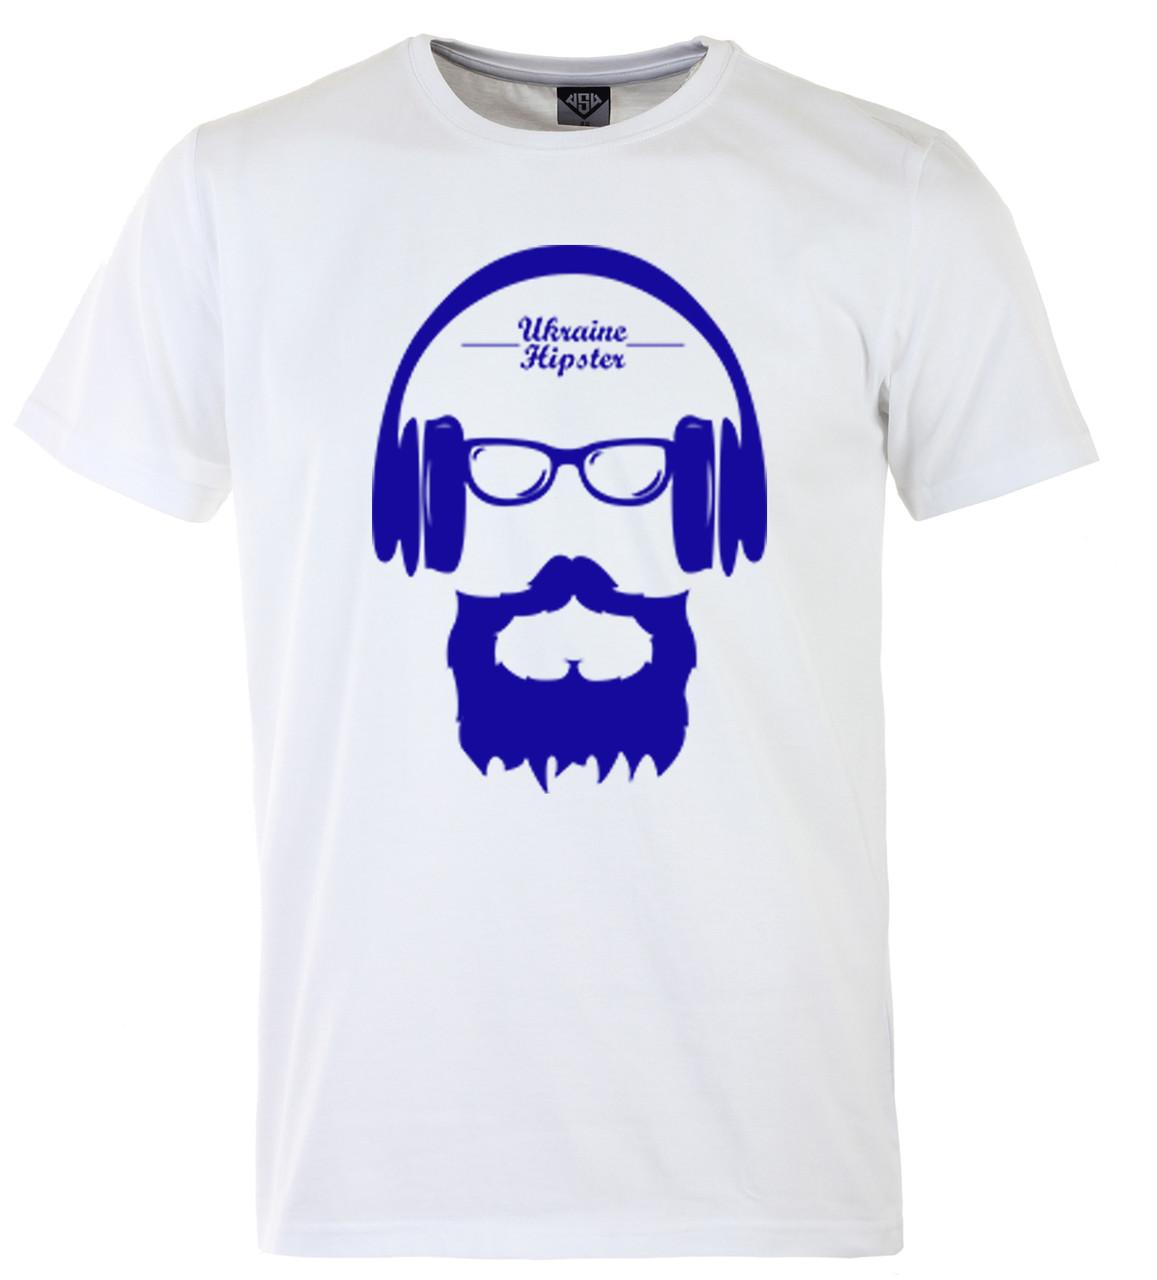 Мужская футболка с принтом патриот синий